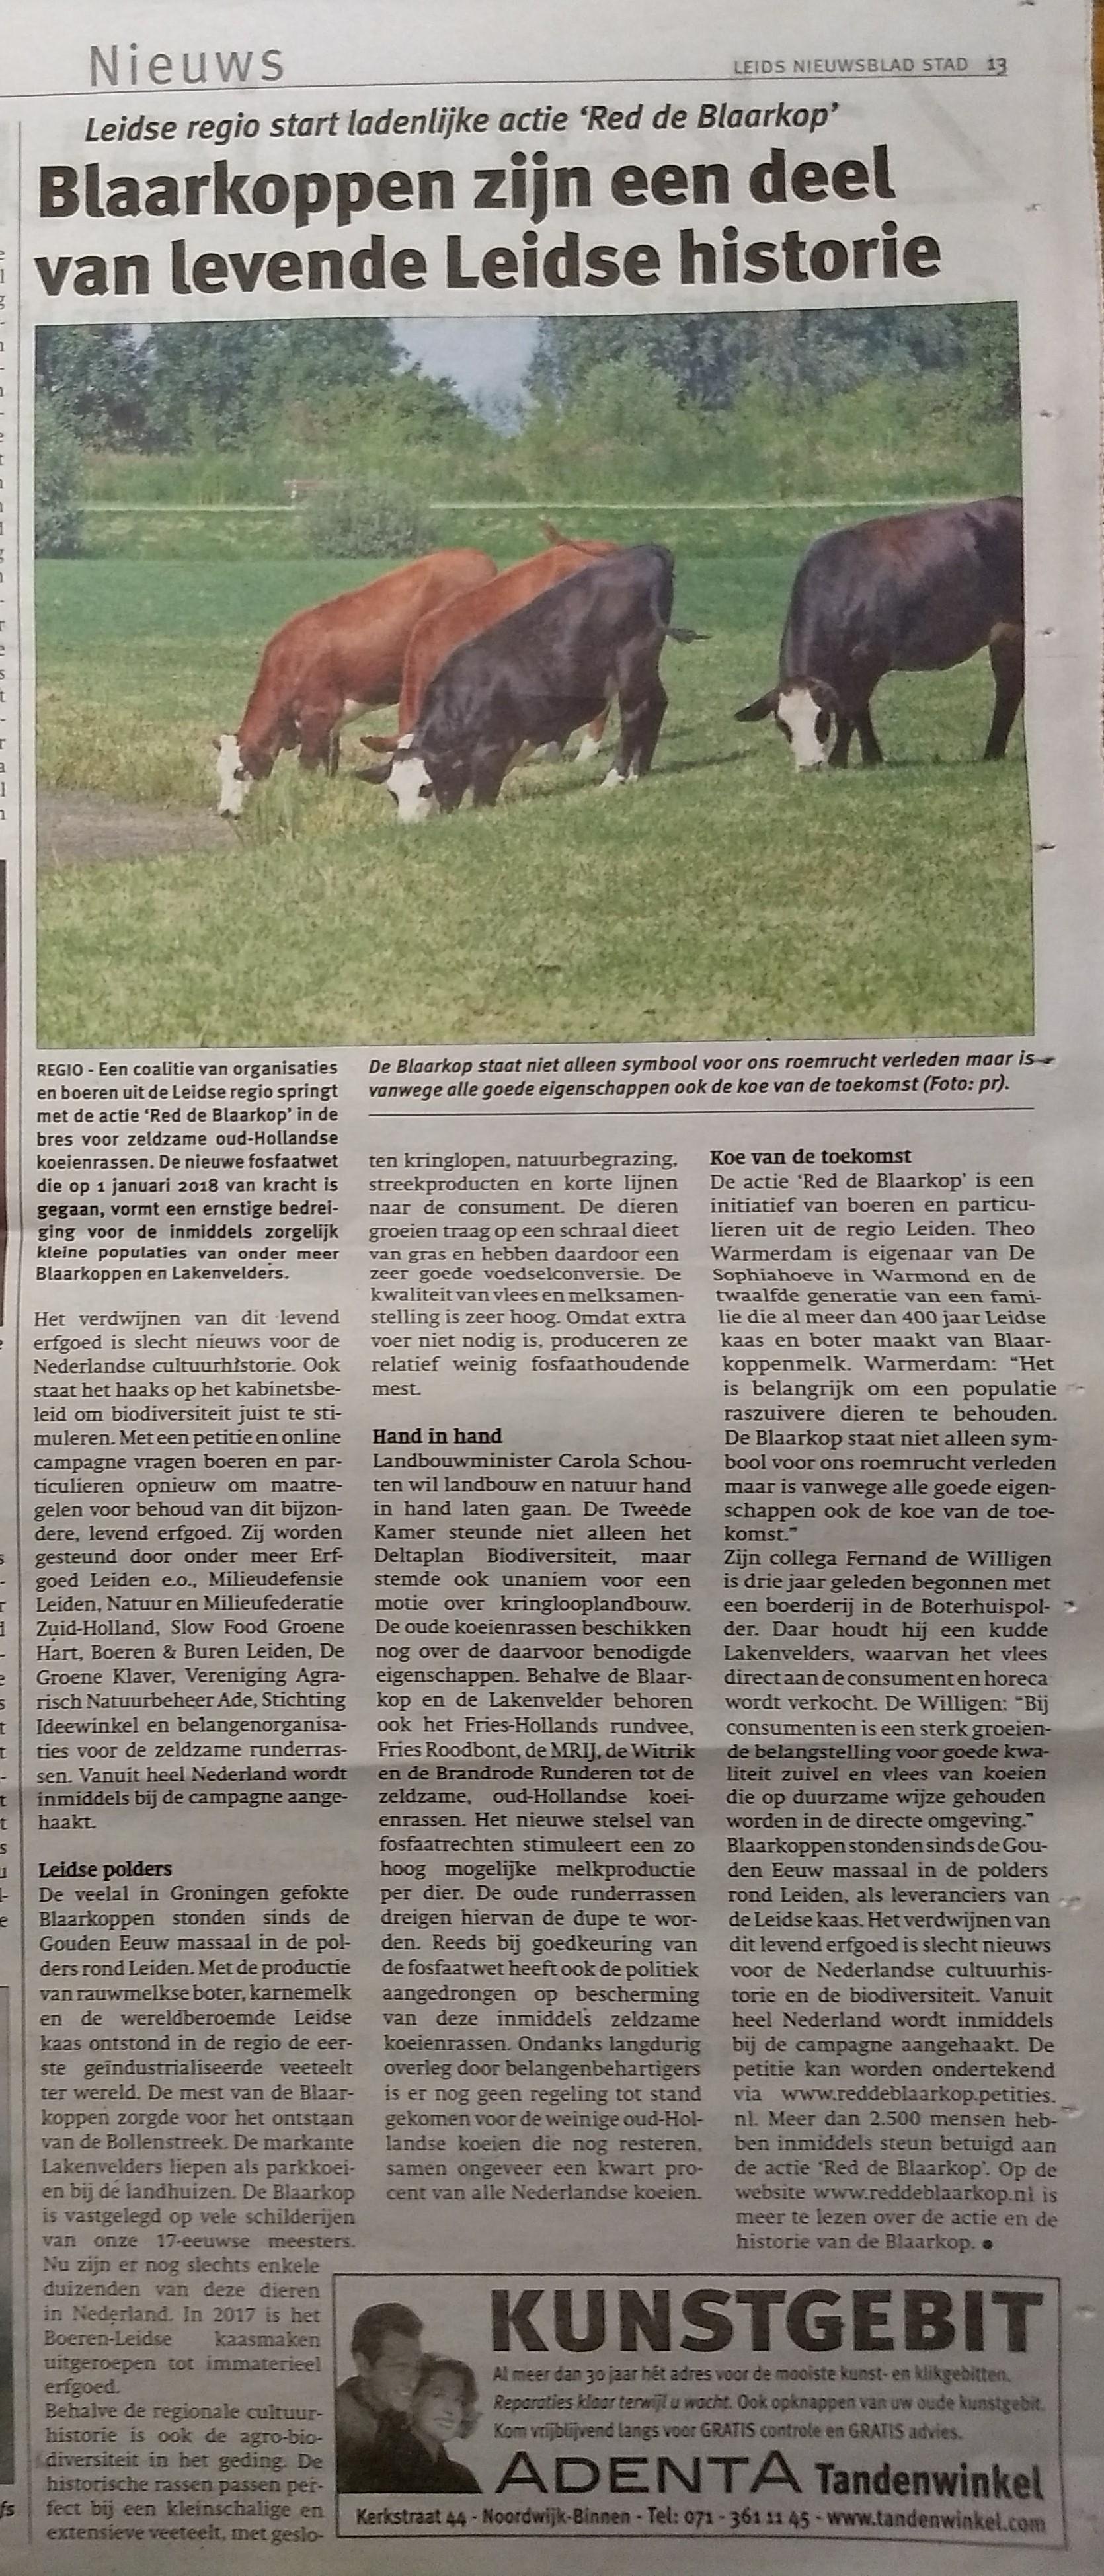 171228 Leids Nieuwsblad